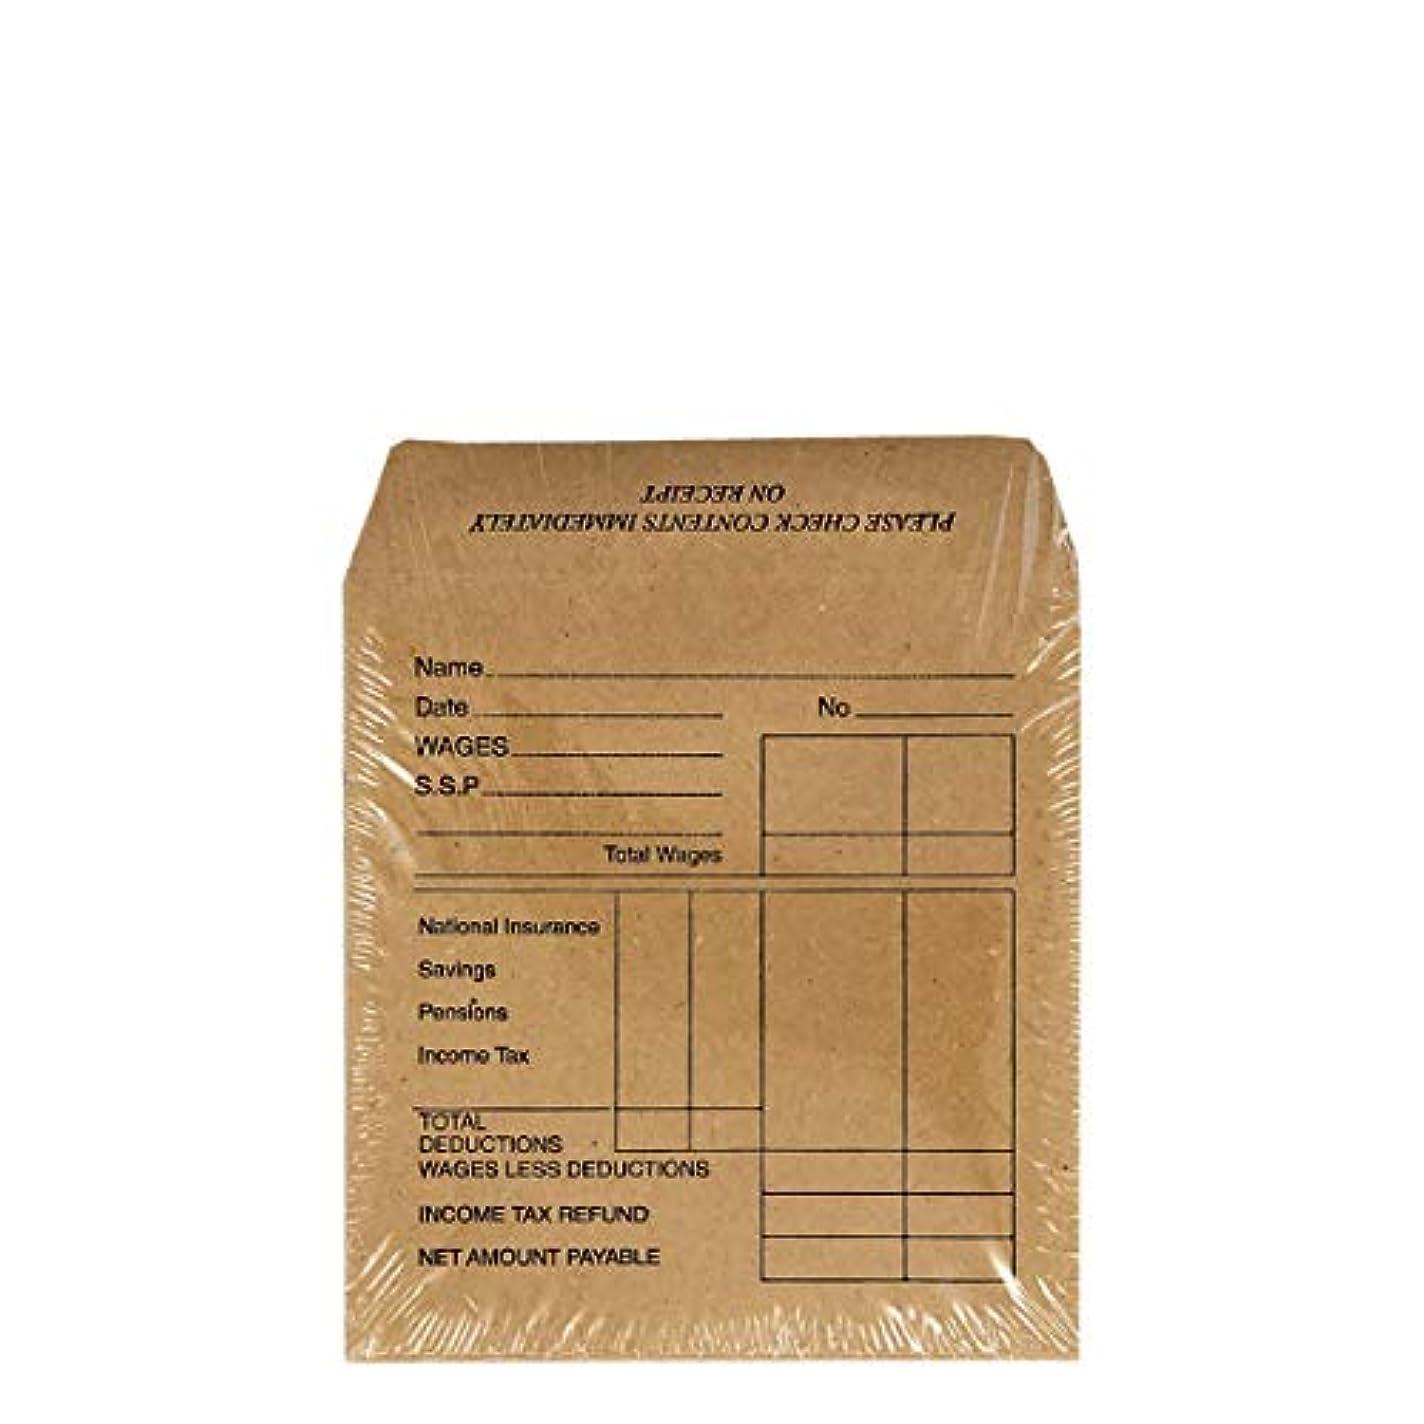 モロニックエアコン委任アジェンダ サロンコンセプト 賃金支払い 封筒 50[海外直送品] [並行輸入品]